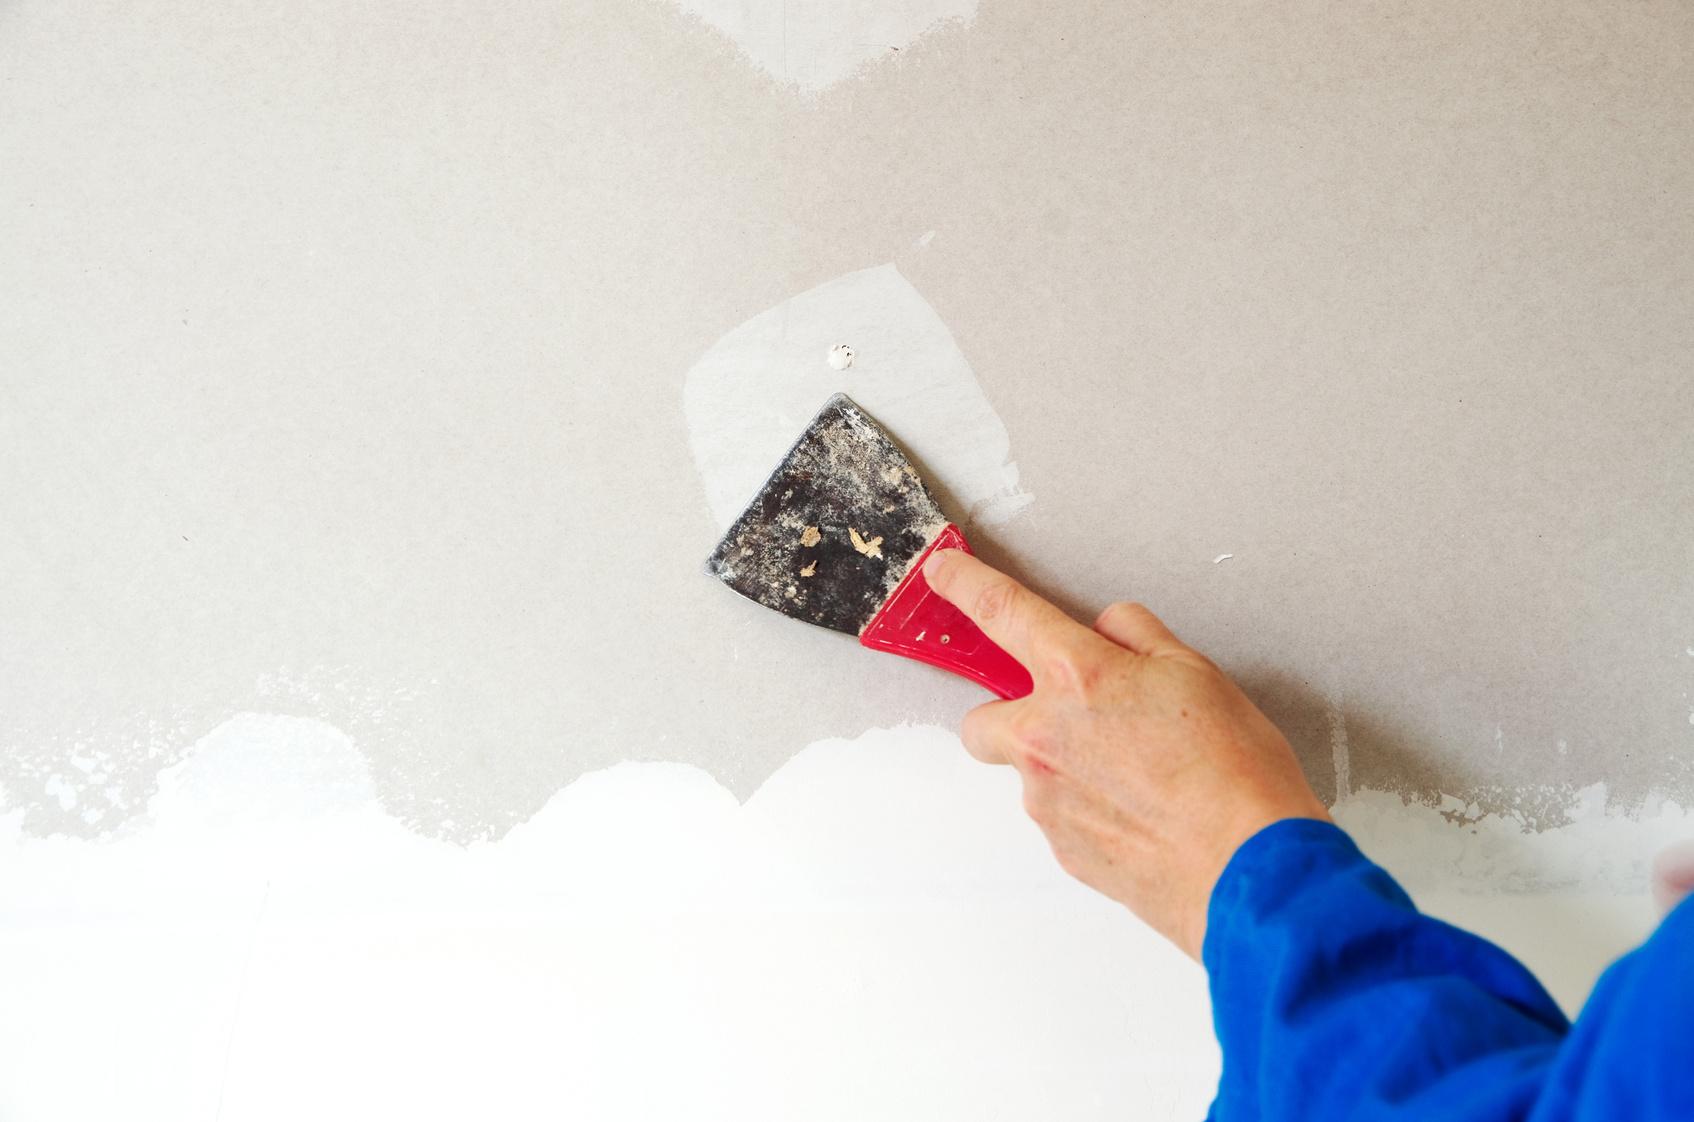 Tip pintores c mo rellenar los agujeros de la pared - Agujero en la pared ...